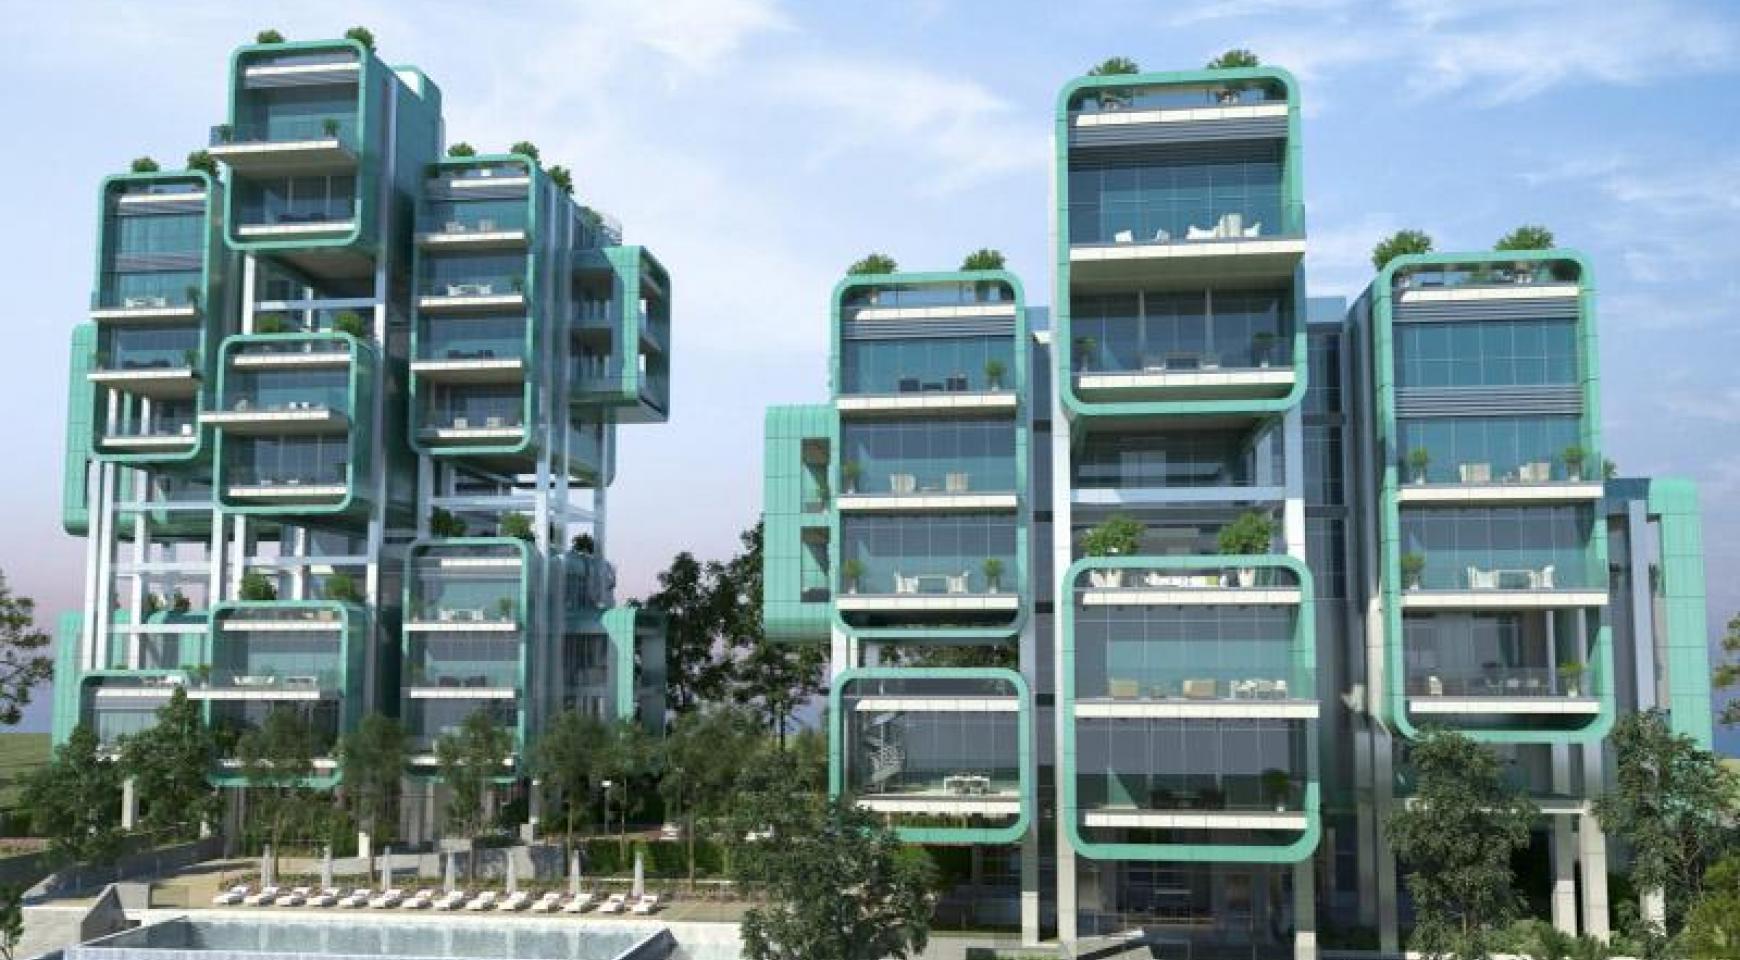 Πολυτελές διαμέρισμα 2 υπνοδωματίων με ταράτσα στο νεόδμητο συγκρότημα - 28